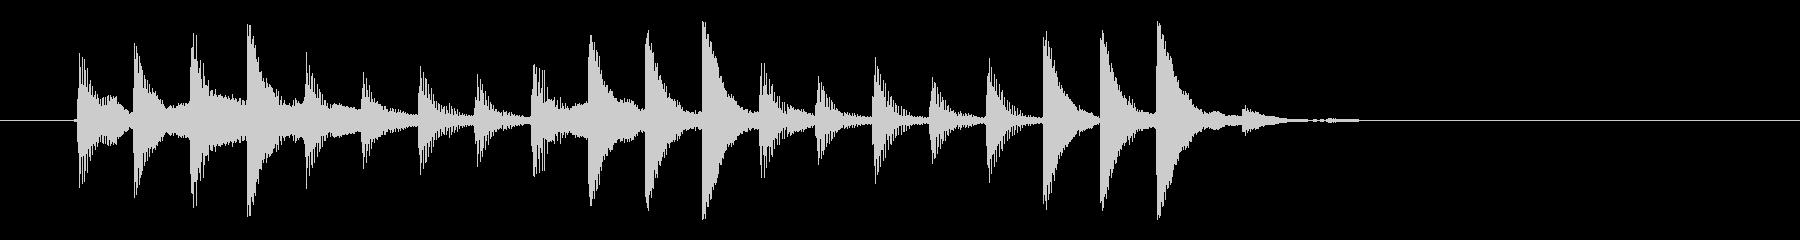 幻想的でゆったりとしたテクノ音楽の未再生の波形